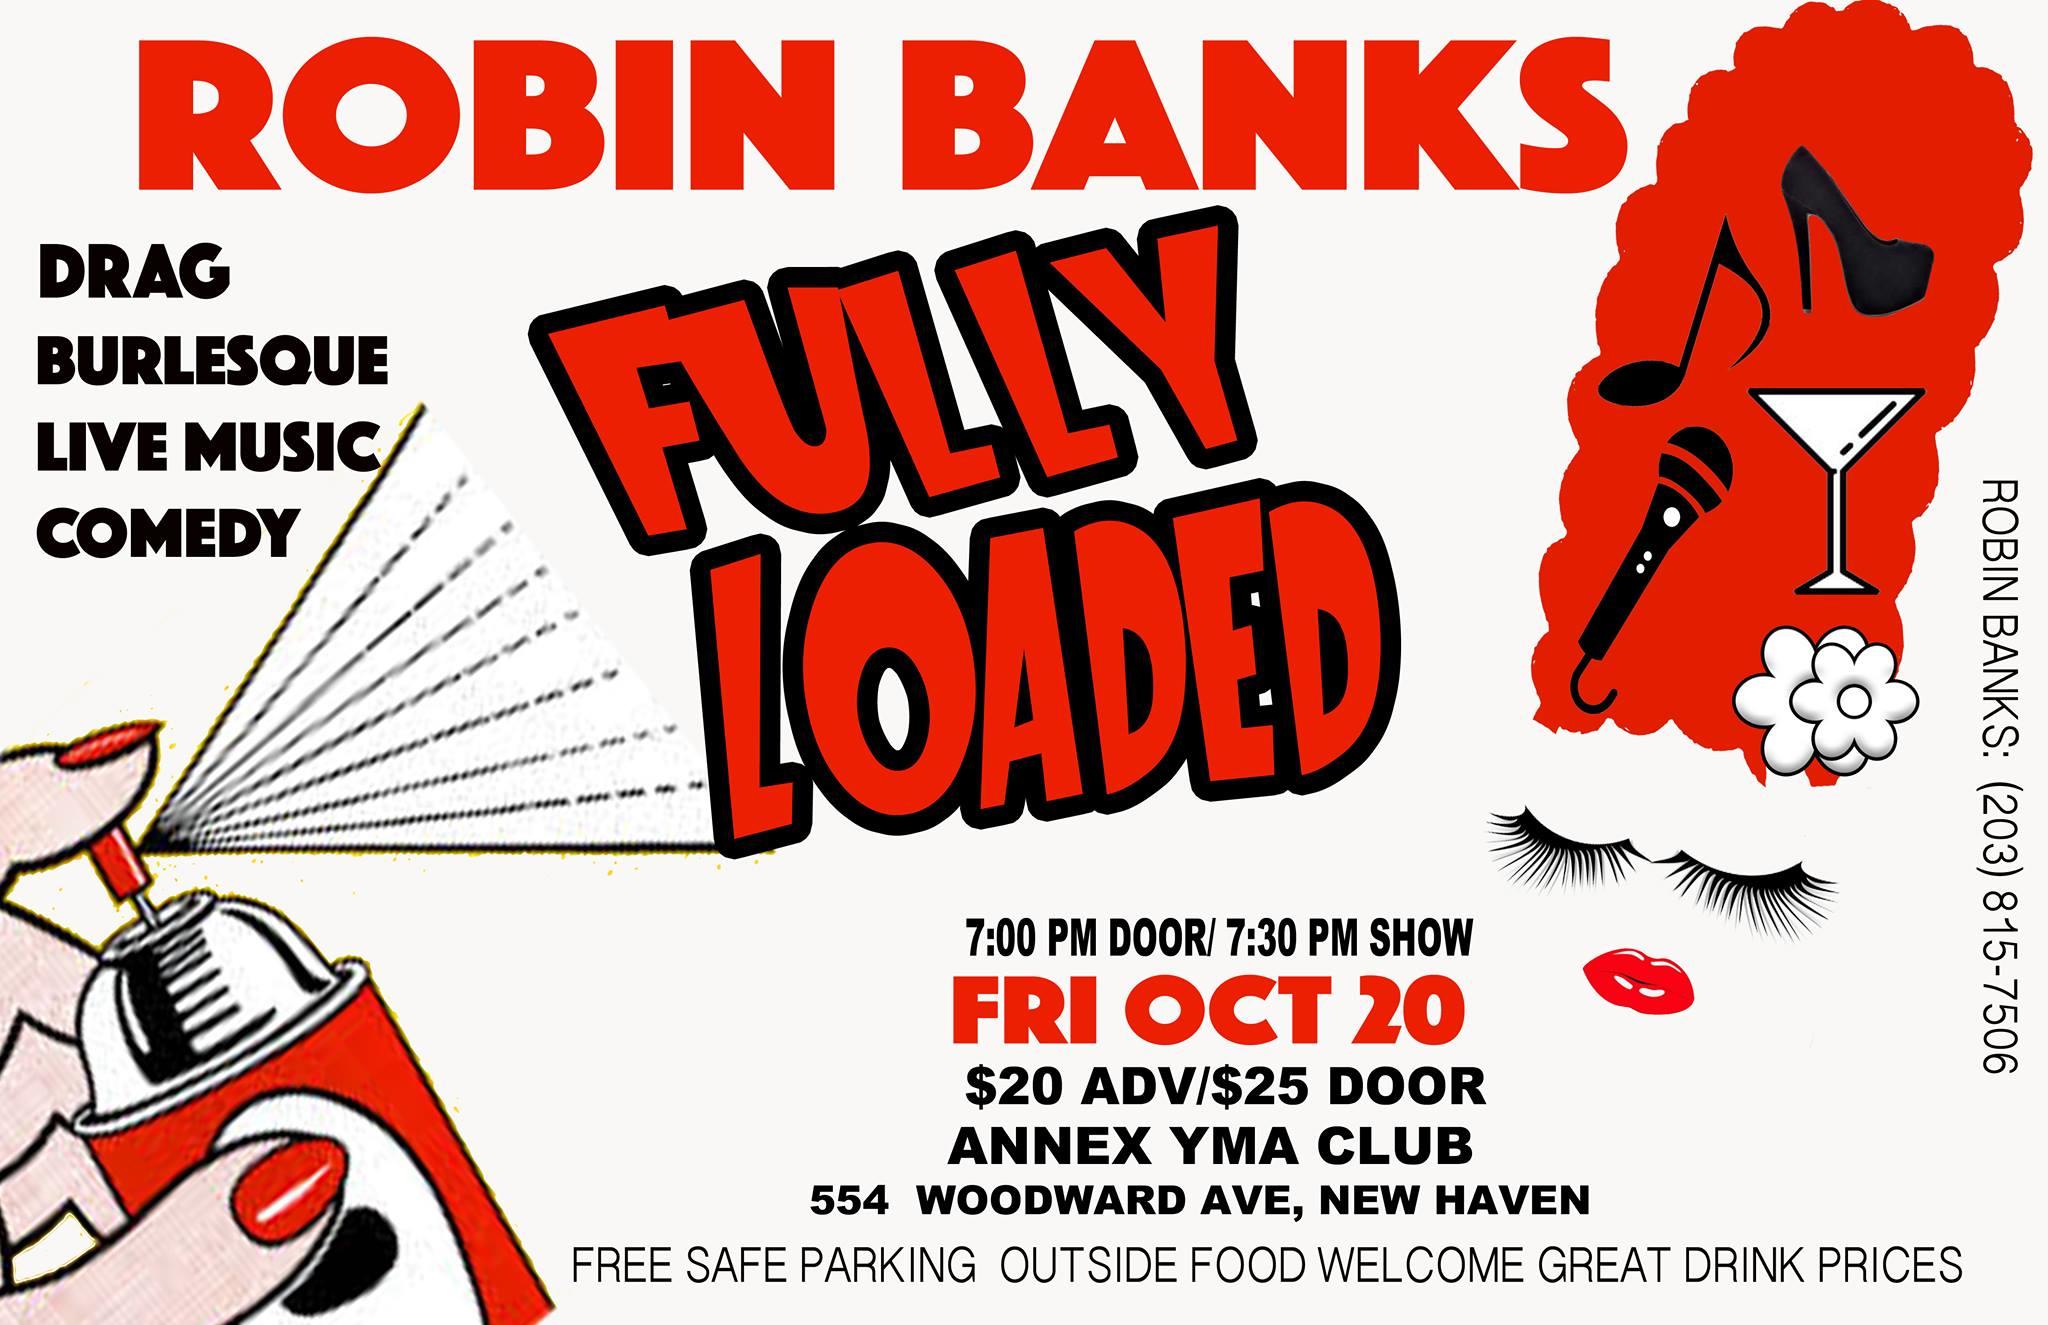 Robin Banks fully loaded flyer.jpg